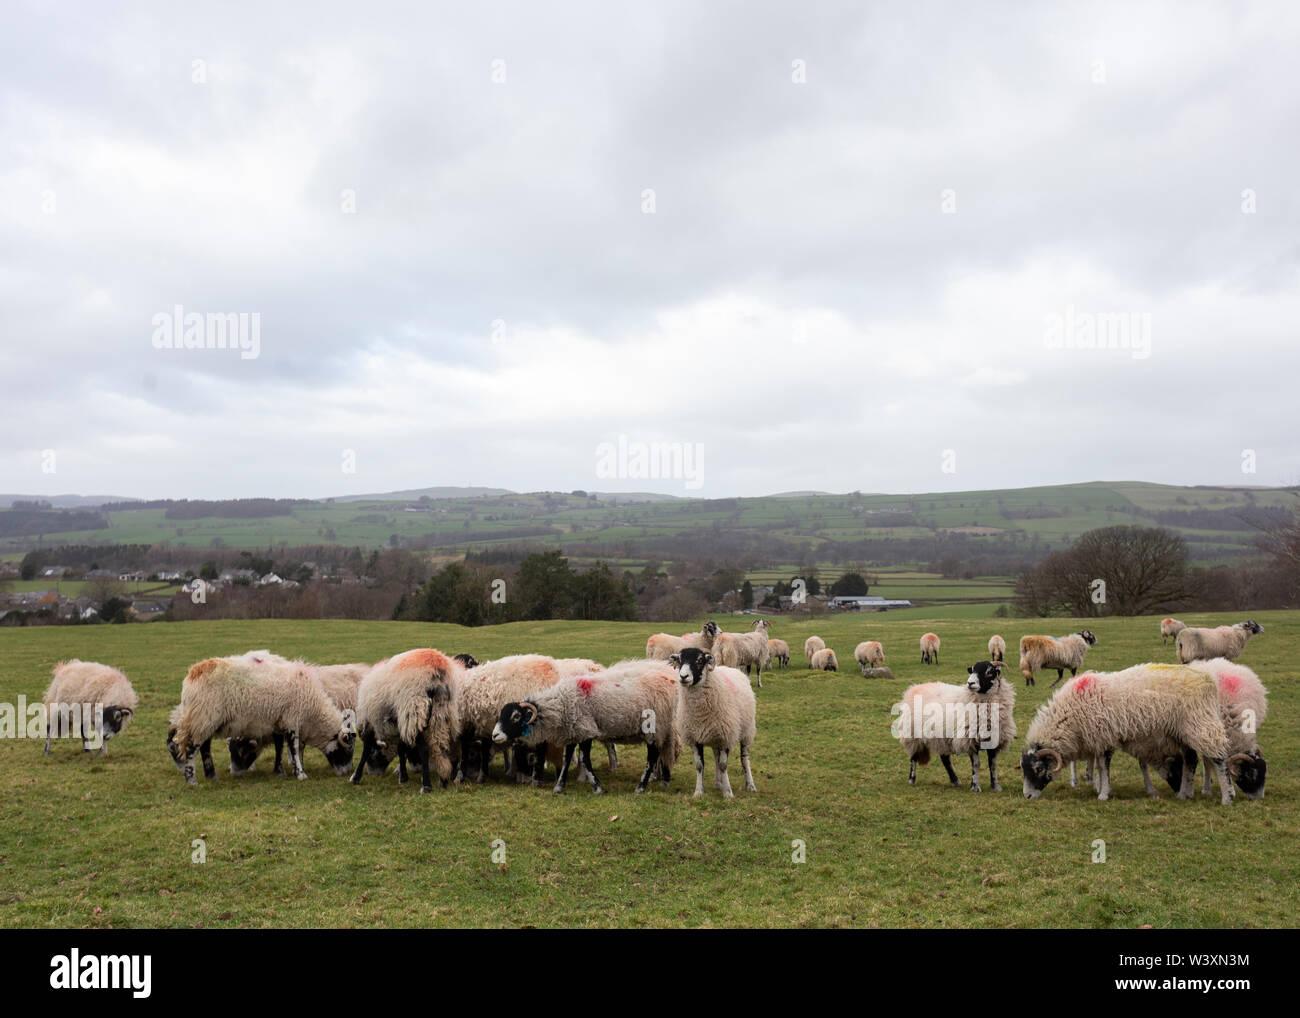 Sheep on Lancashire Farm UK - Stock Image